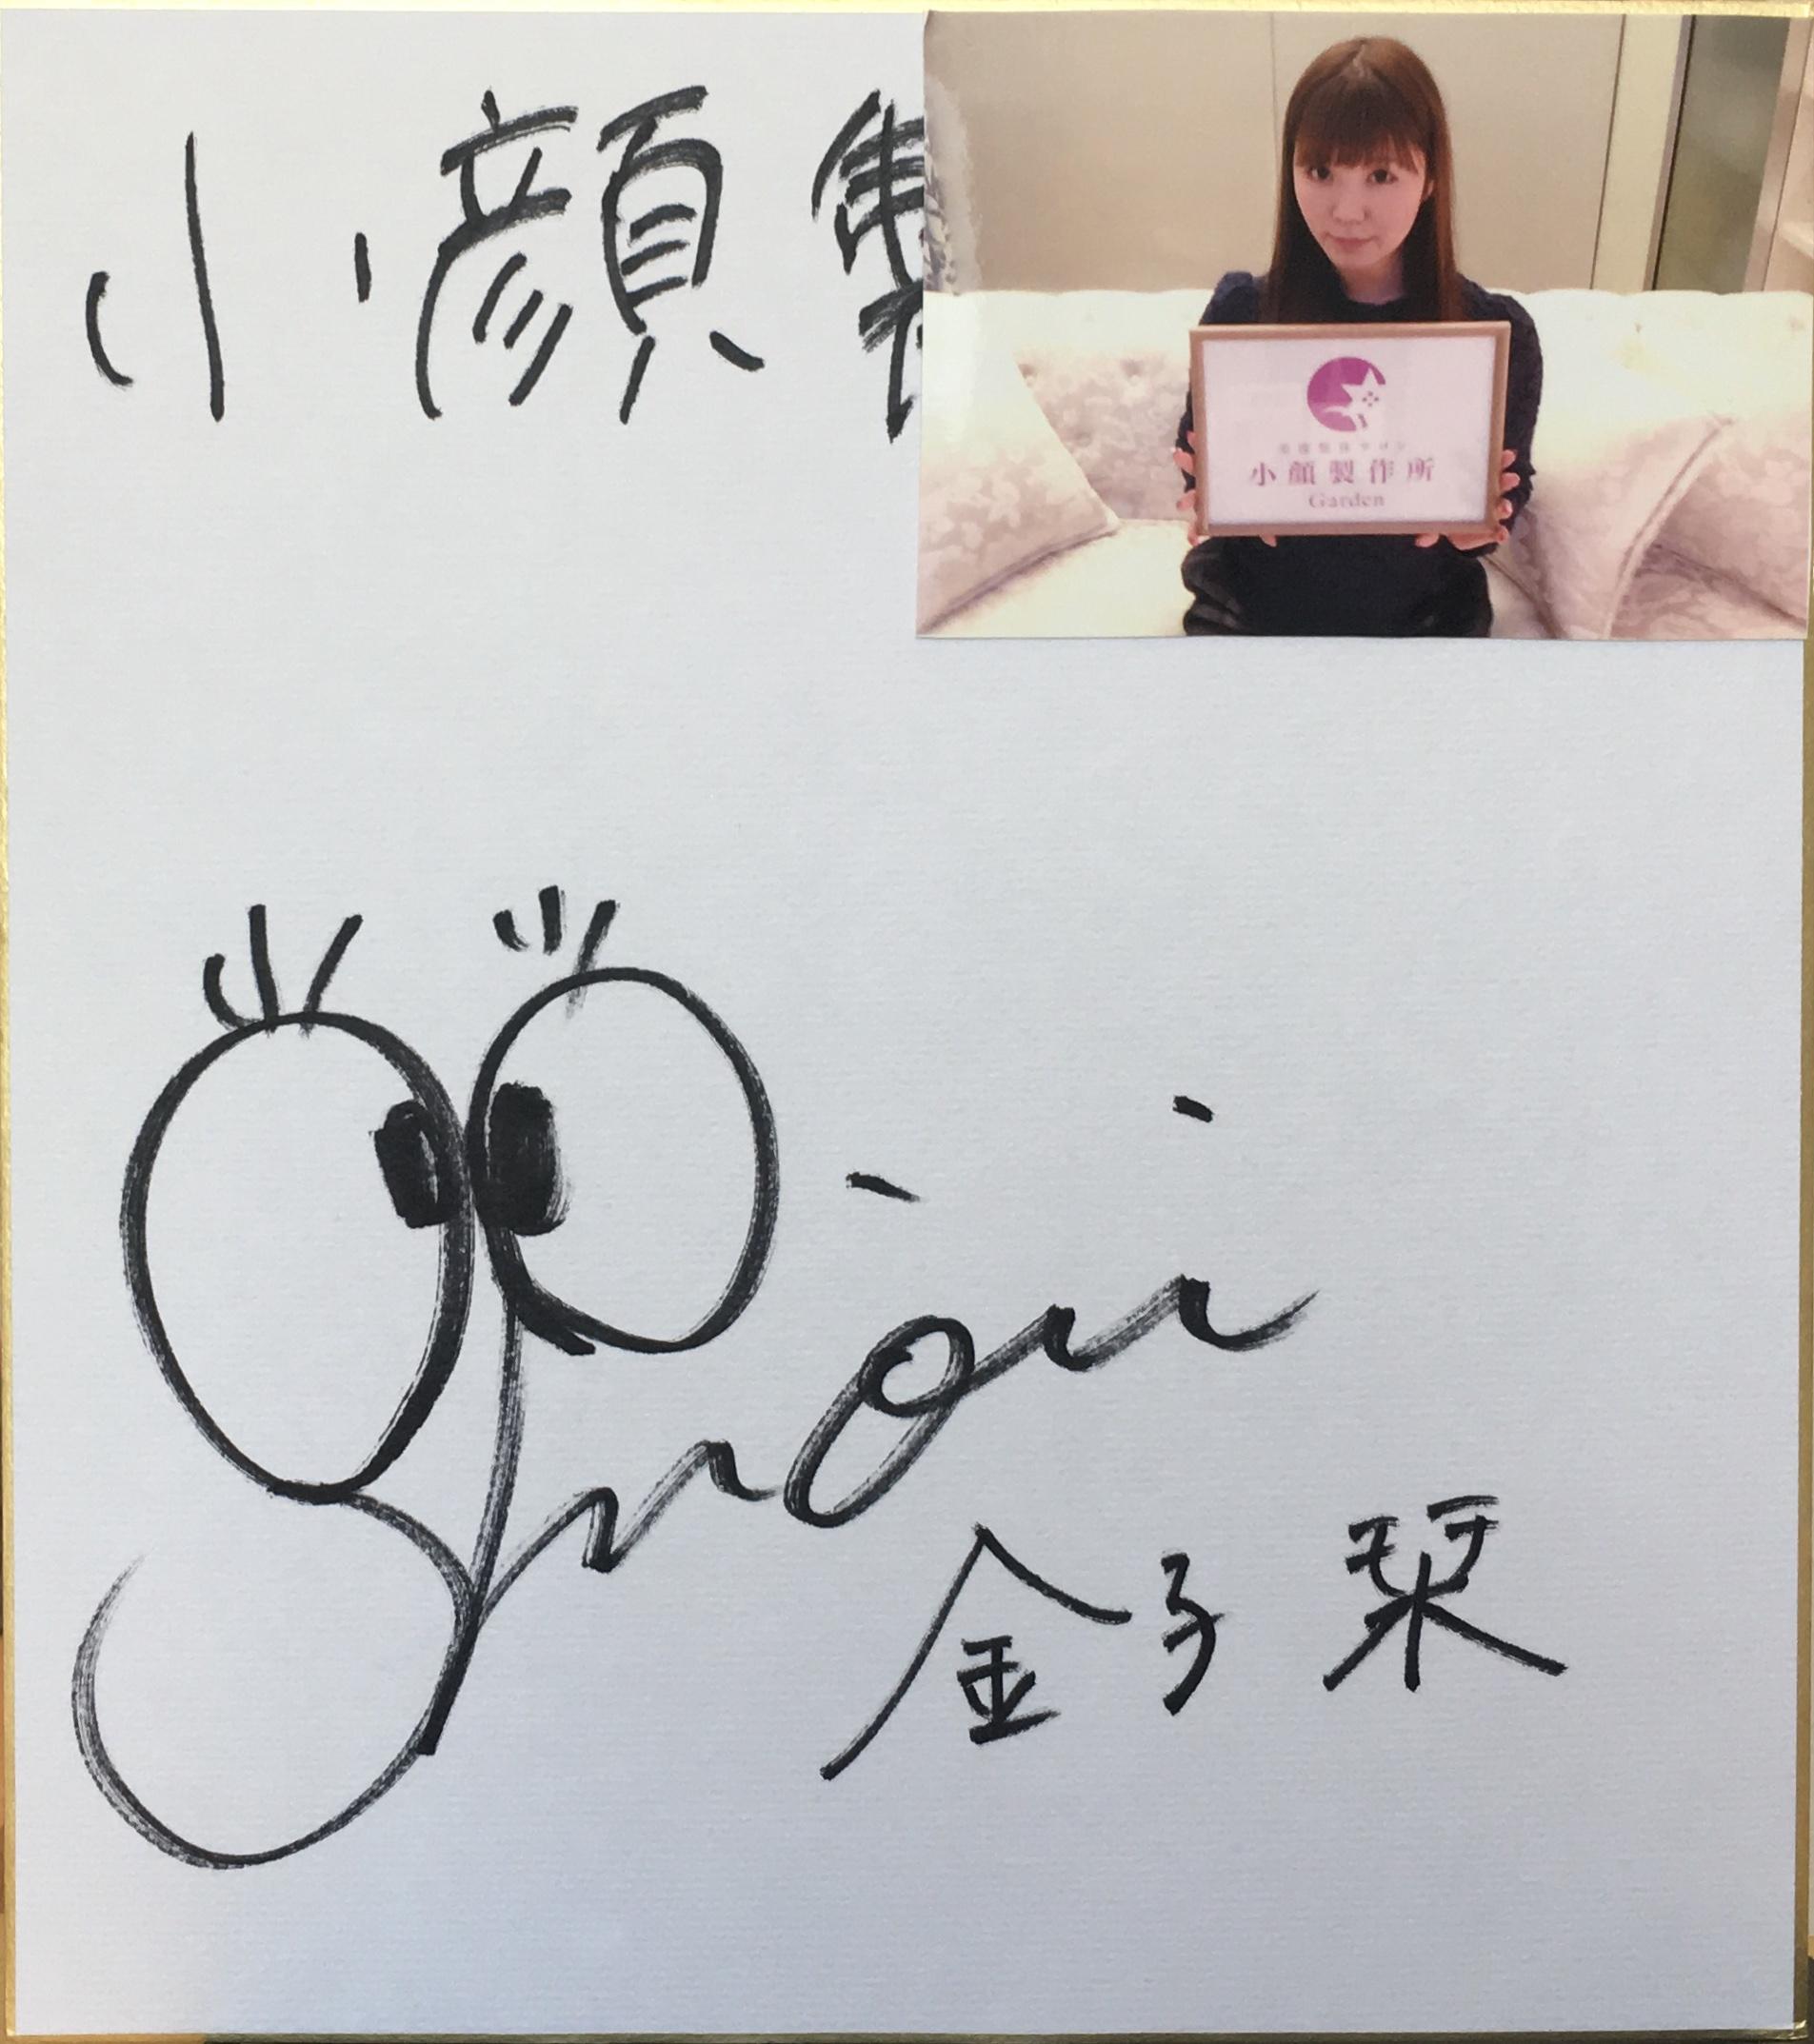 金子栞 様<br><span>(SKE48)</span>